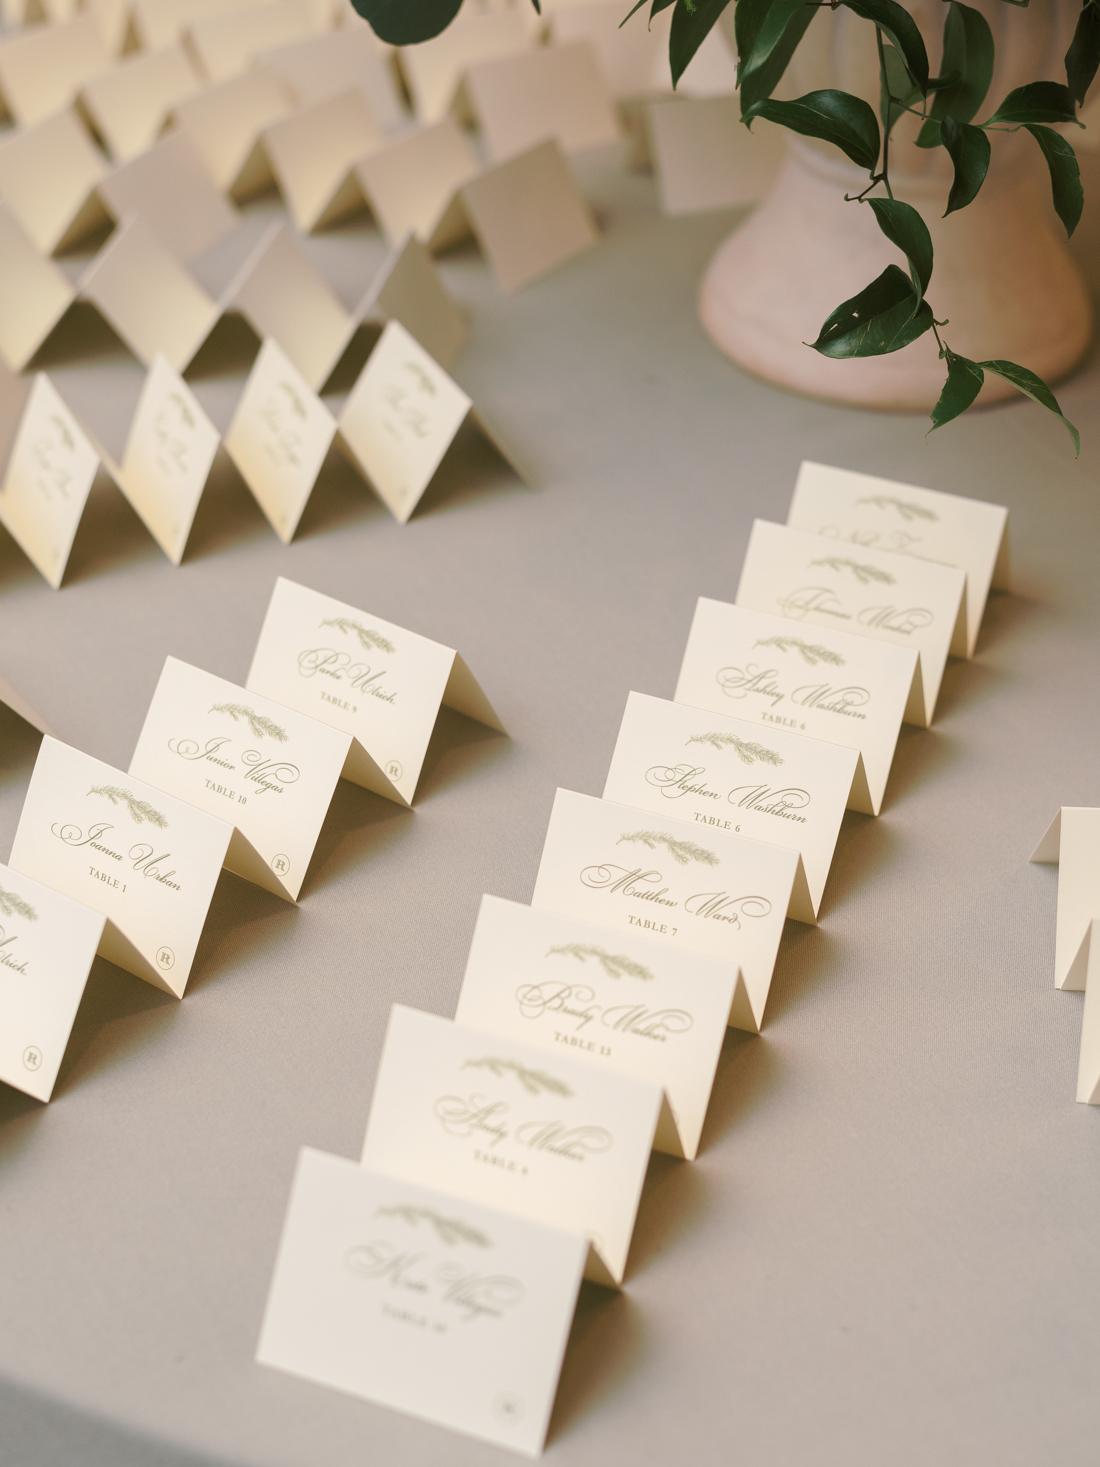 chesapeake-bay-beach-club-wedding-reception-escort-cards